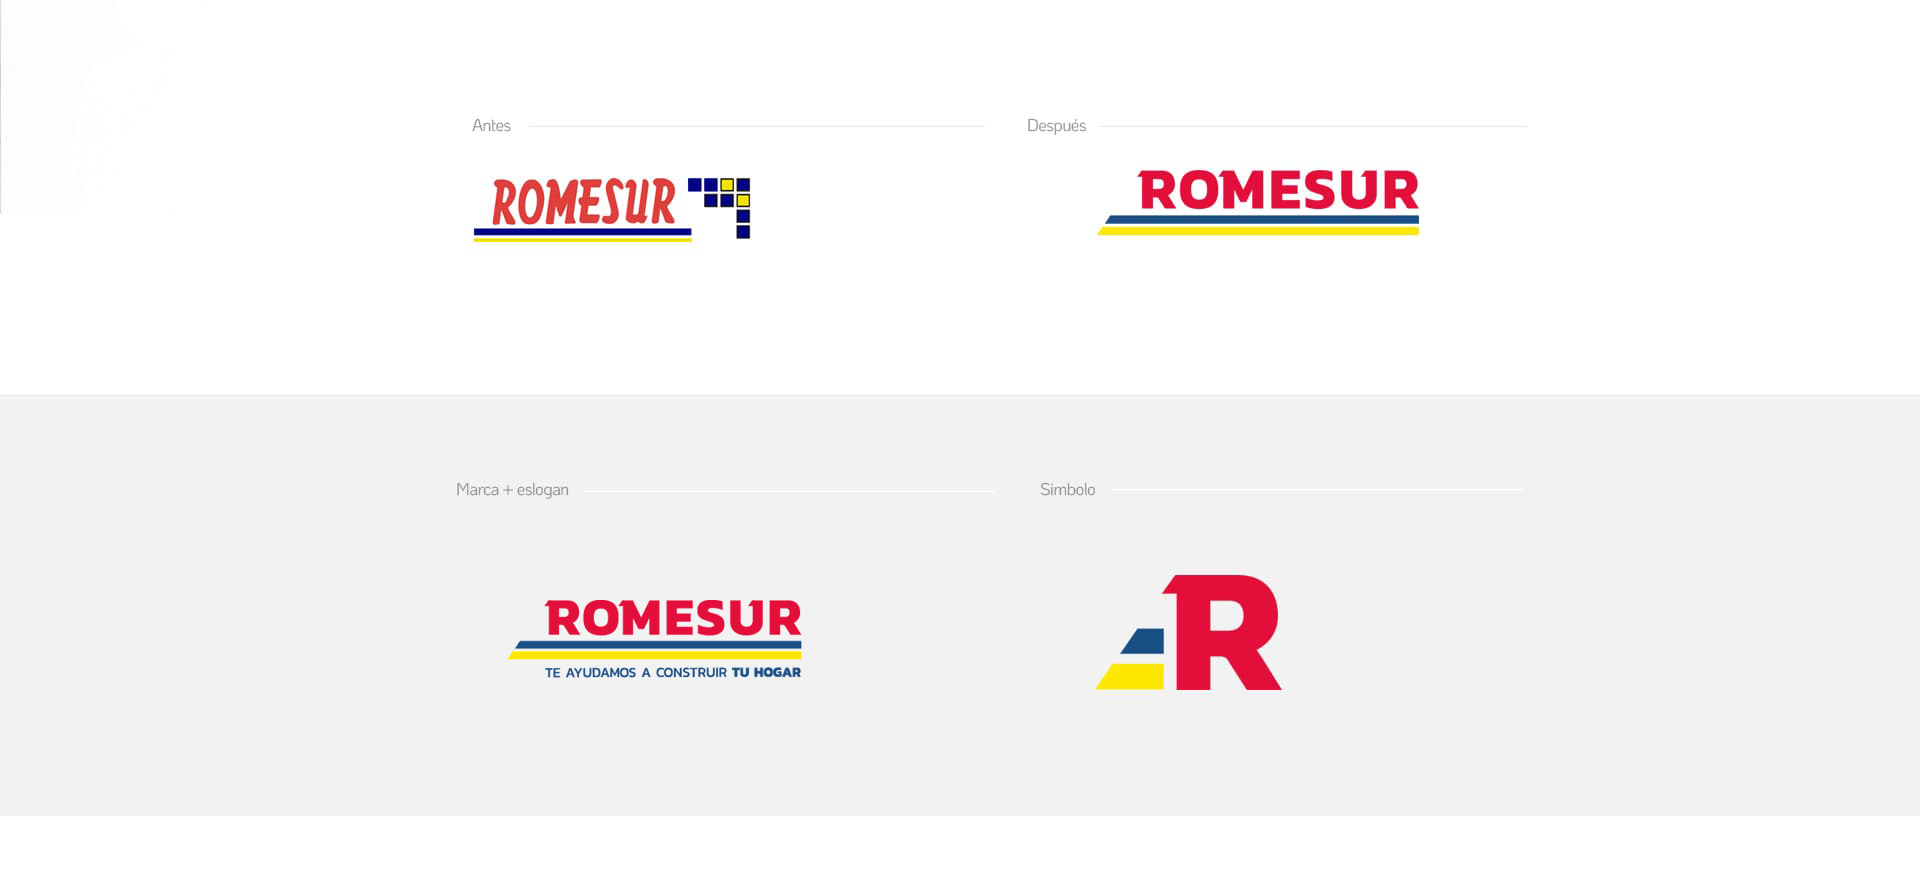 Romesur 2 - Fama Publicidad